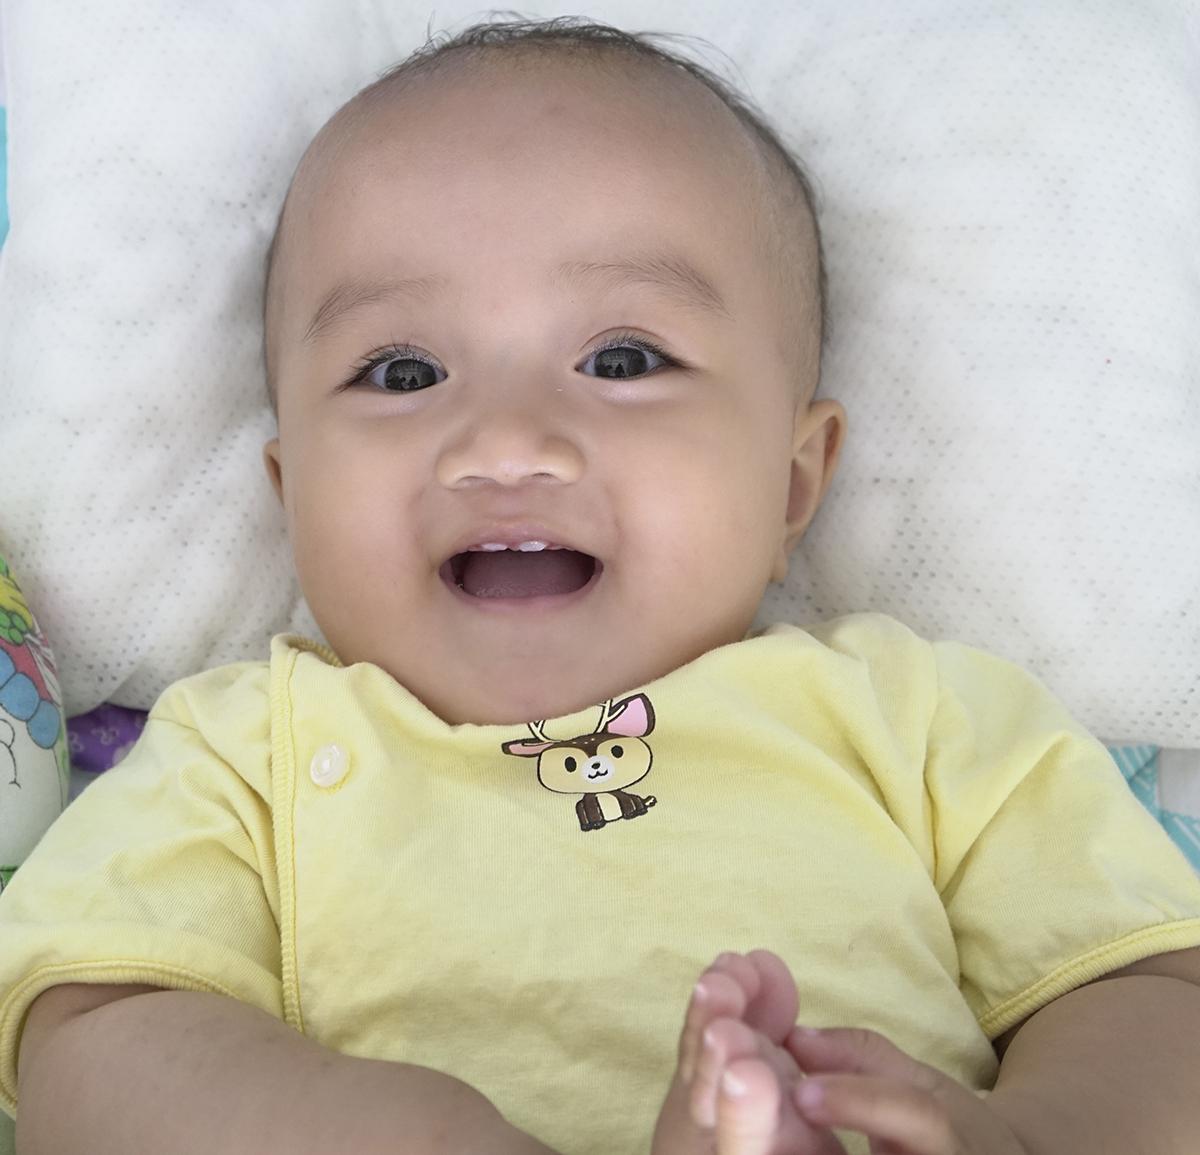 Bé Mincó đôi mắt to và lông mi cong, dài. Mẹ bé chia sẻ, lúc Min mới ra khỏi phòng sinh, nhìn thấy bé, câu đầu tiên của cô y tá bé là Ui chao, bé có cặp lông mì dài chưa kìa!.